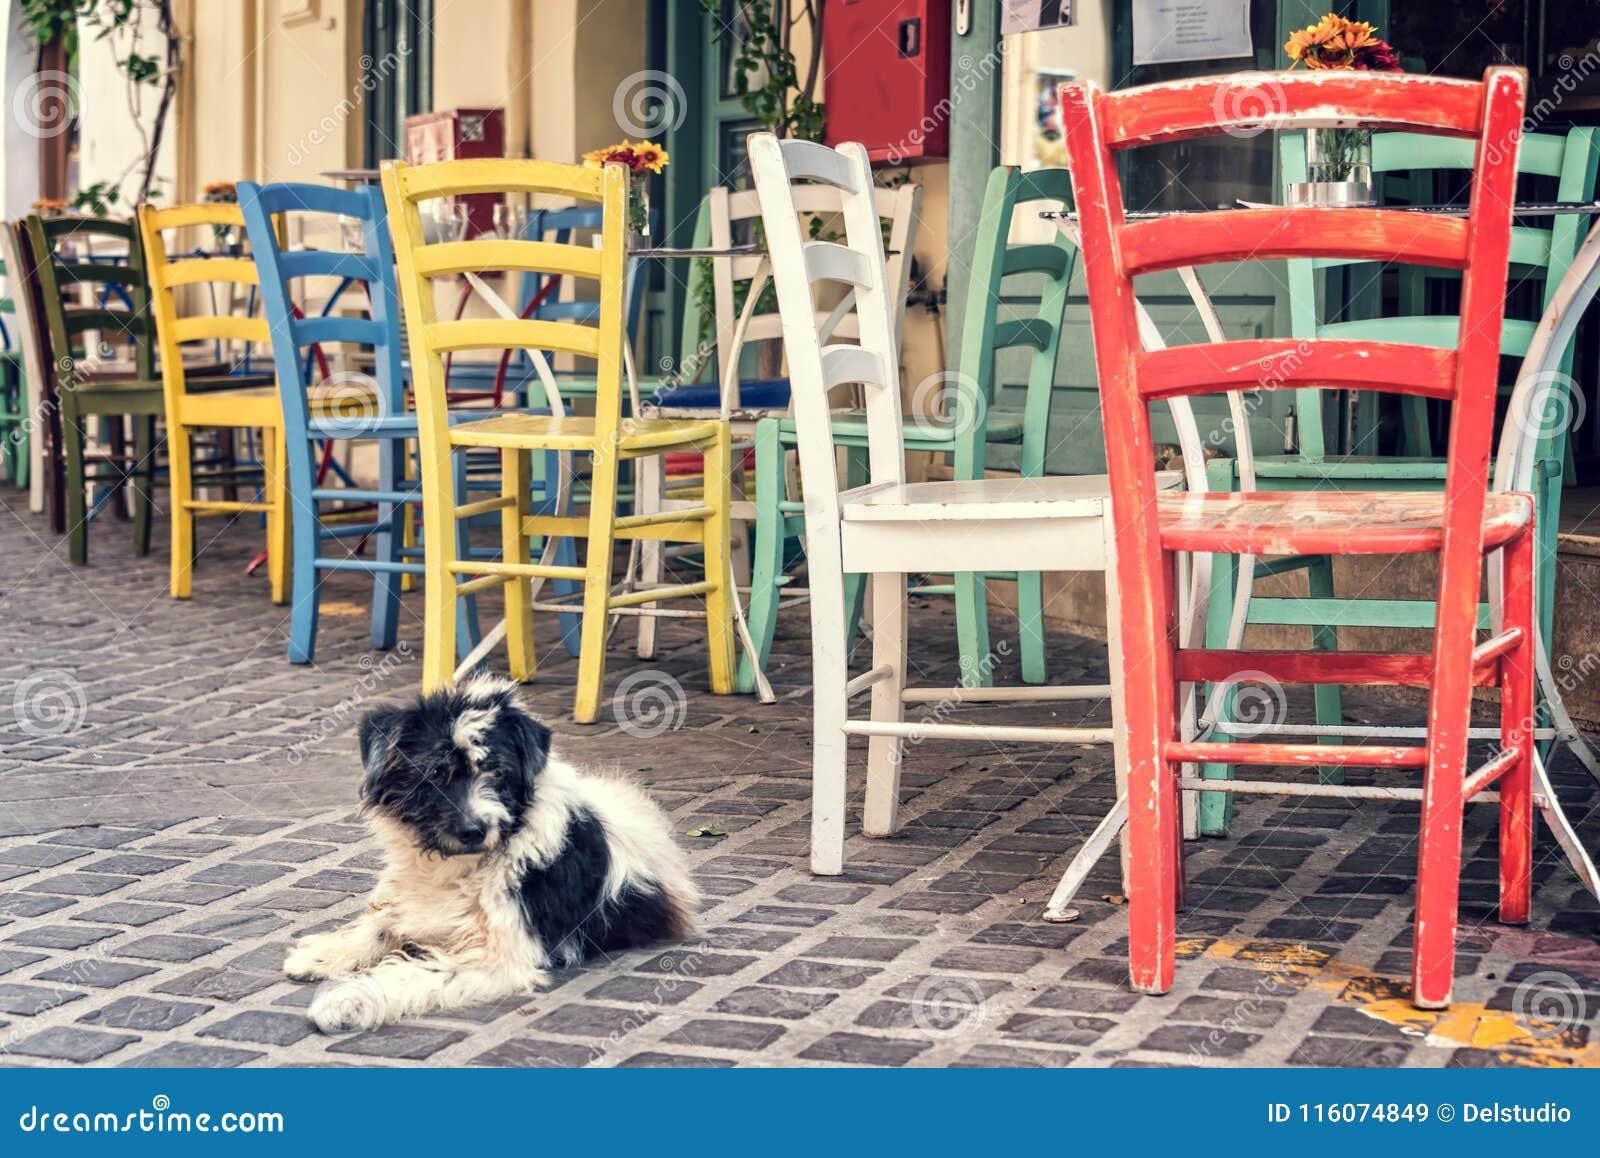 Bunte Stuhle Einer Restaurantterrasse In Einer Prdestrian Strasse Der Alten Stadt Von Chania In Kreta Griechenland Stockbild Bild Von Prdestrian Bunte 116074849